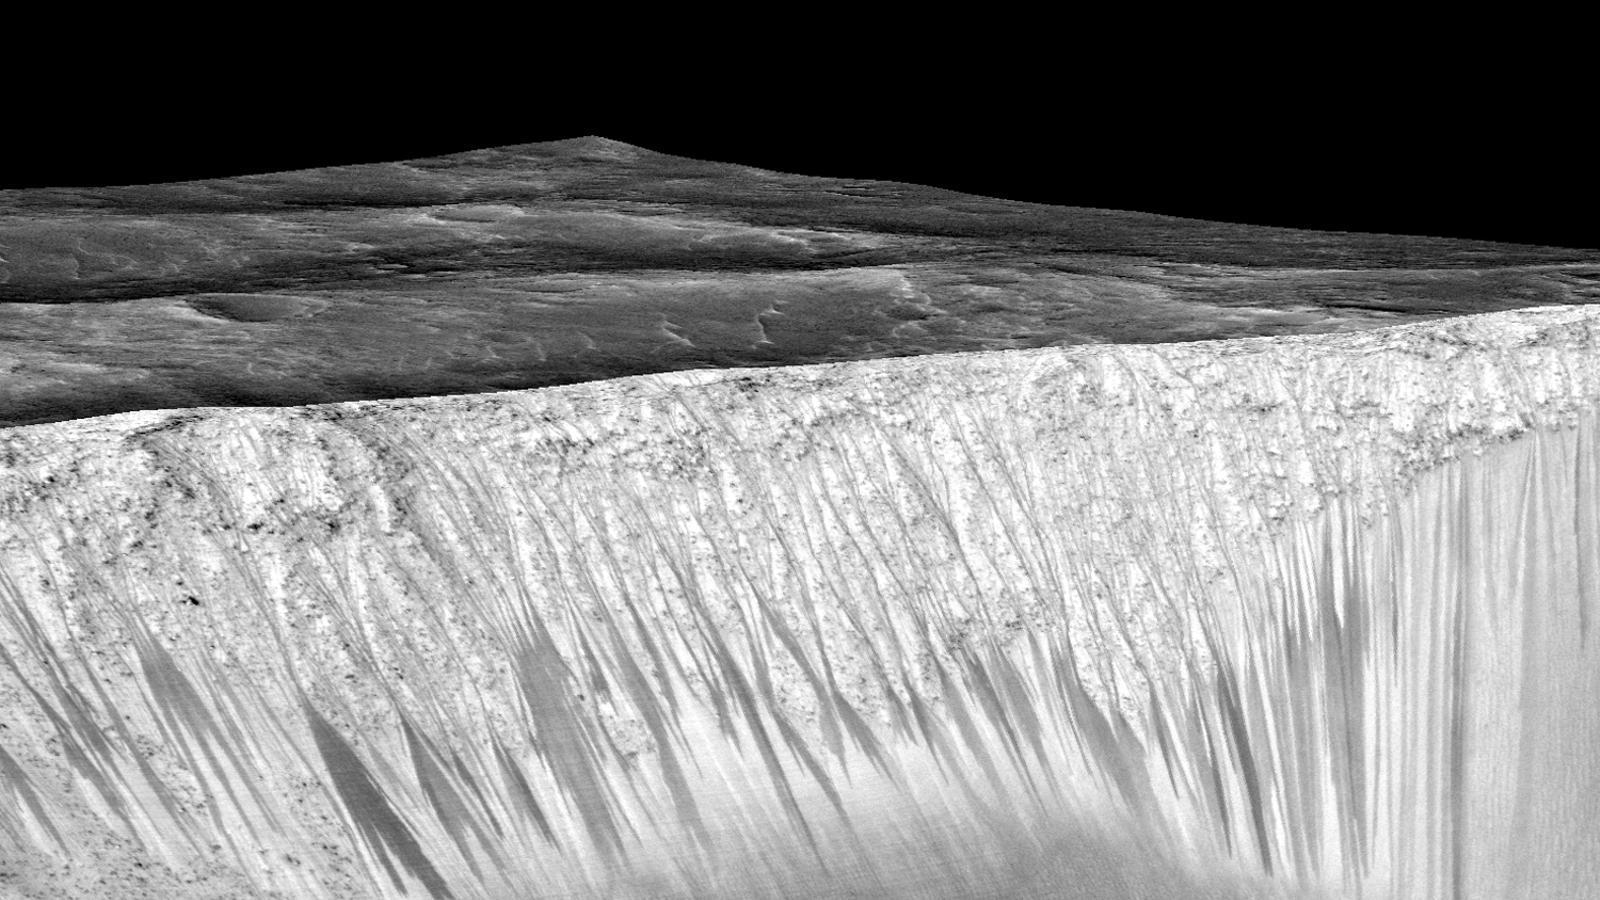 Erosió possiblement per aigua al cràter Garni, a Mart. NASA